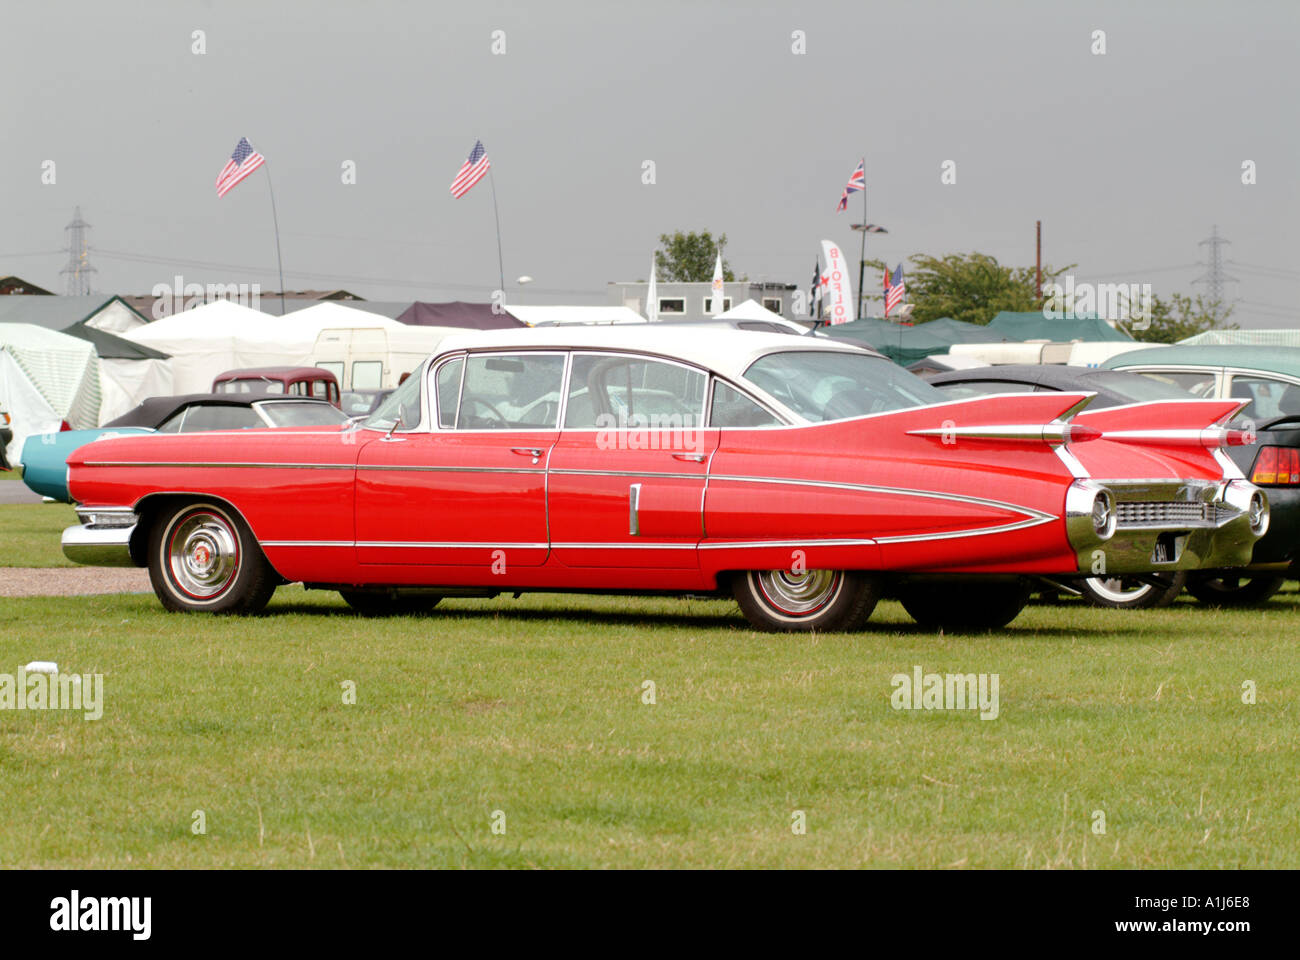 Cadillac luxury car 1950 s 1959 v8 engine america american classic car chrome fins flash general